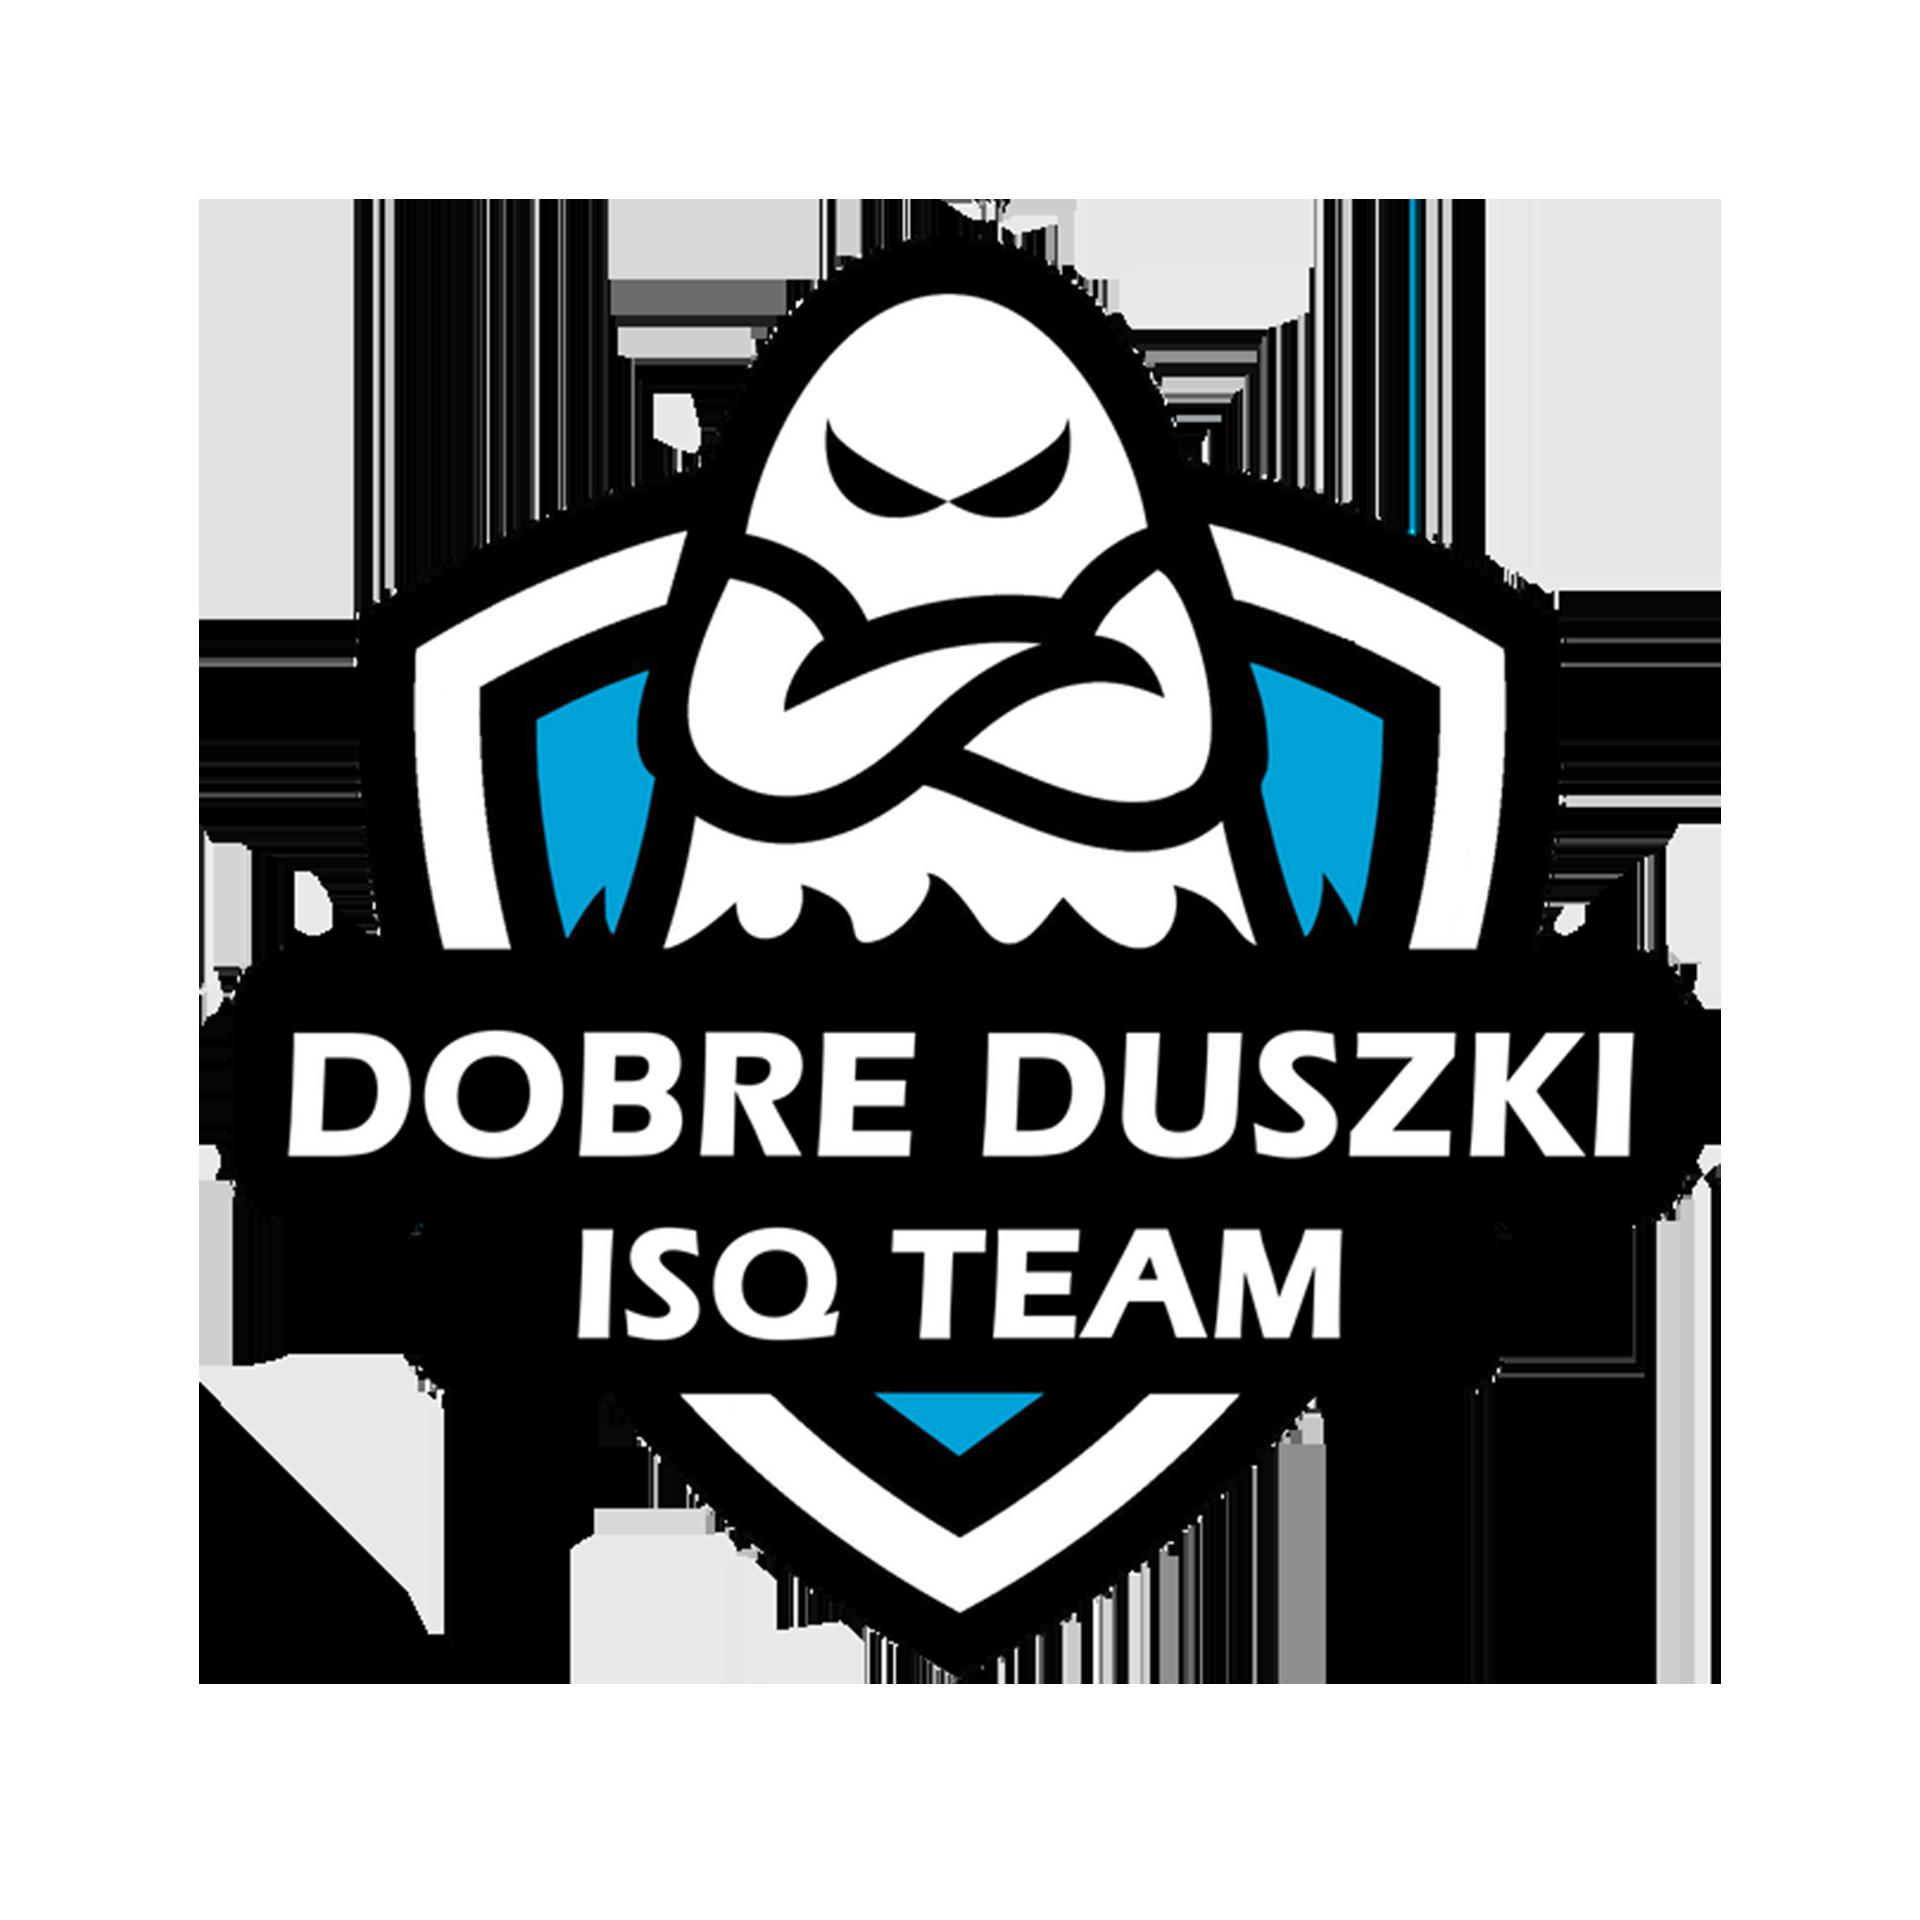 Dobre Duszki – Fajrant Team 50:40. Malak gwiazdą zwycięzców